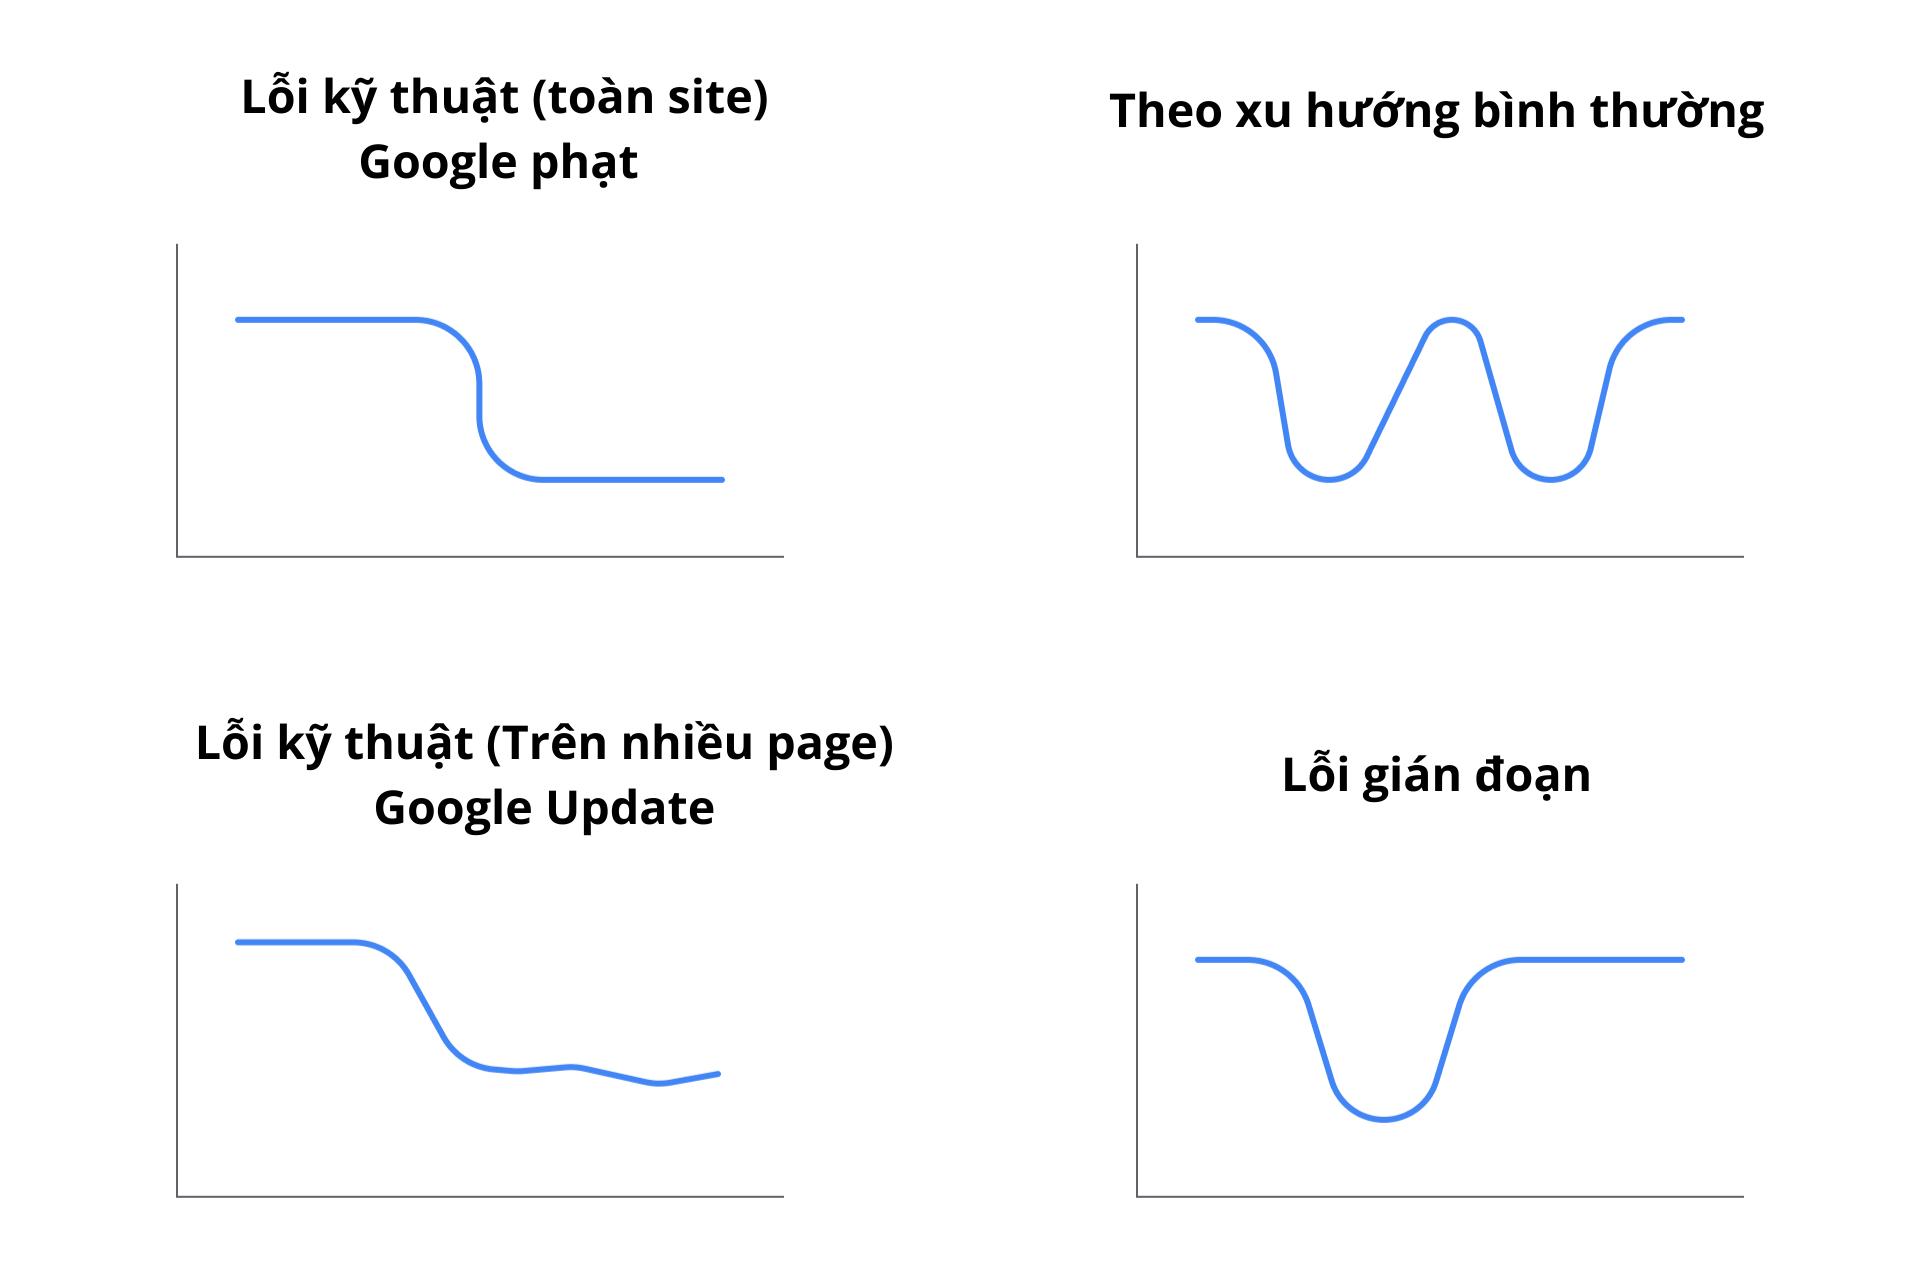 Các dạng biểu đồ biểu chưng cho các lý do sụt giảm traffic thường thấy